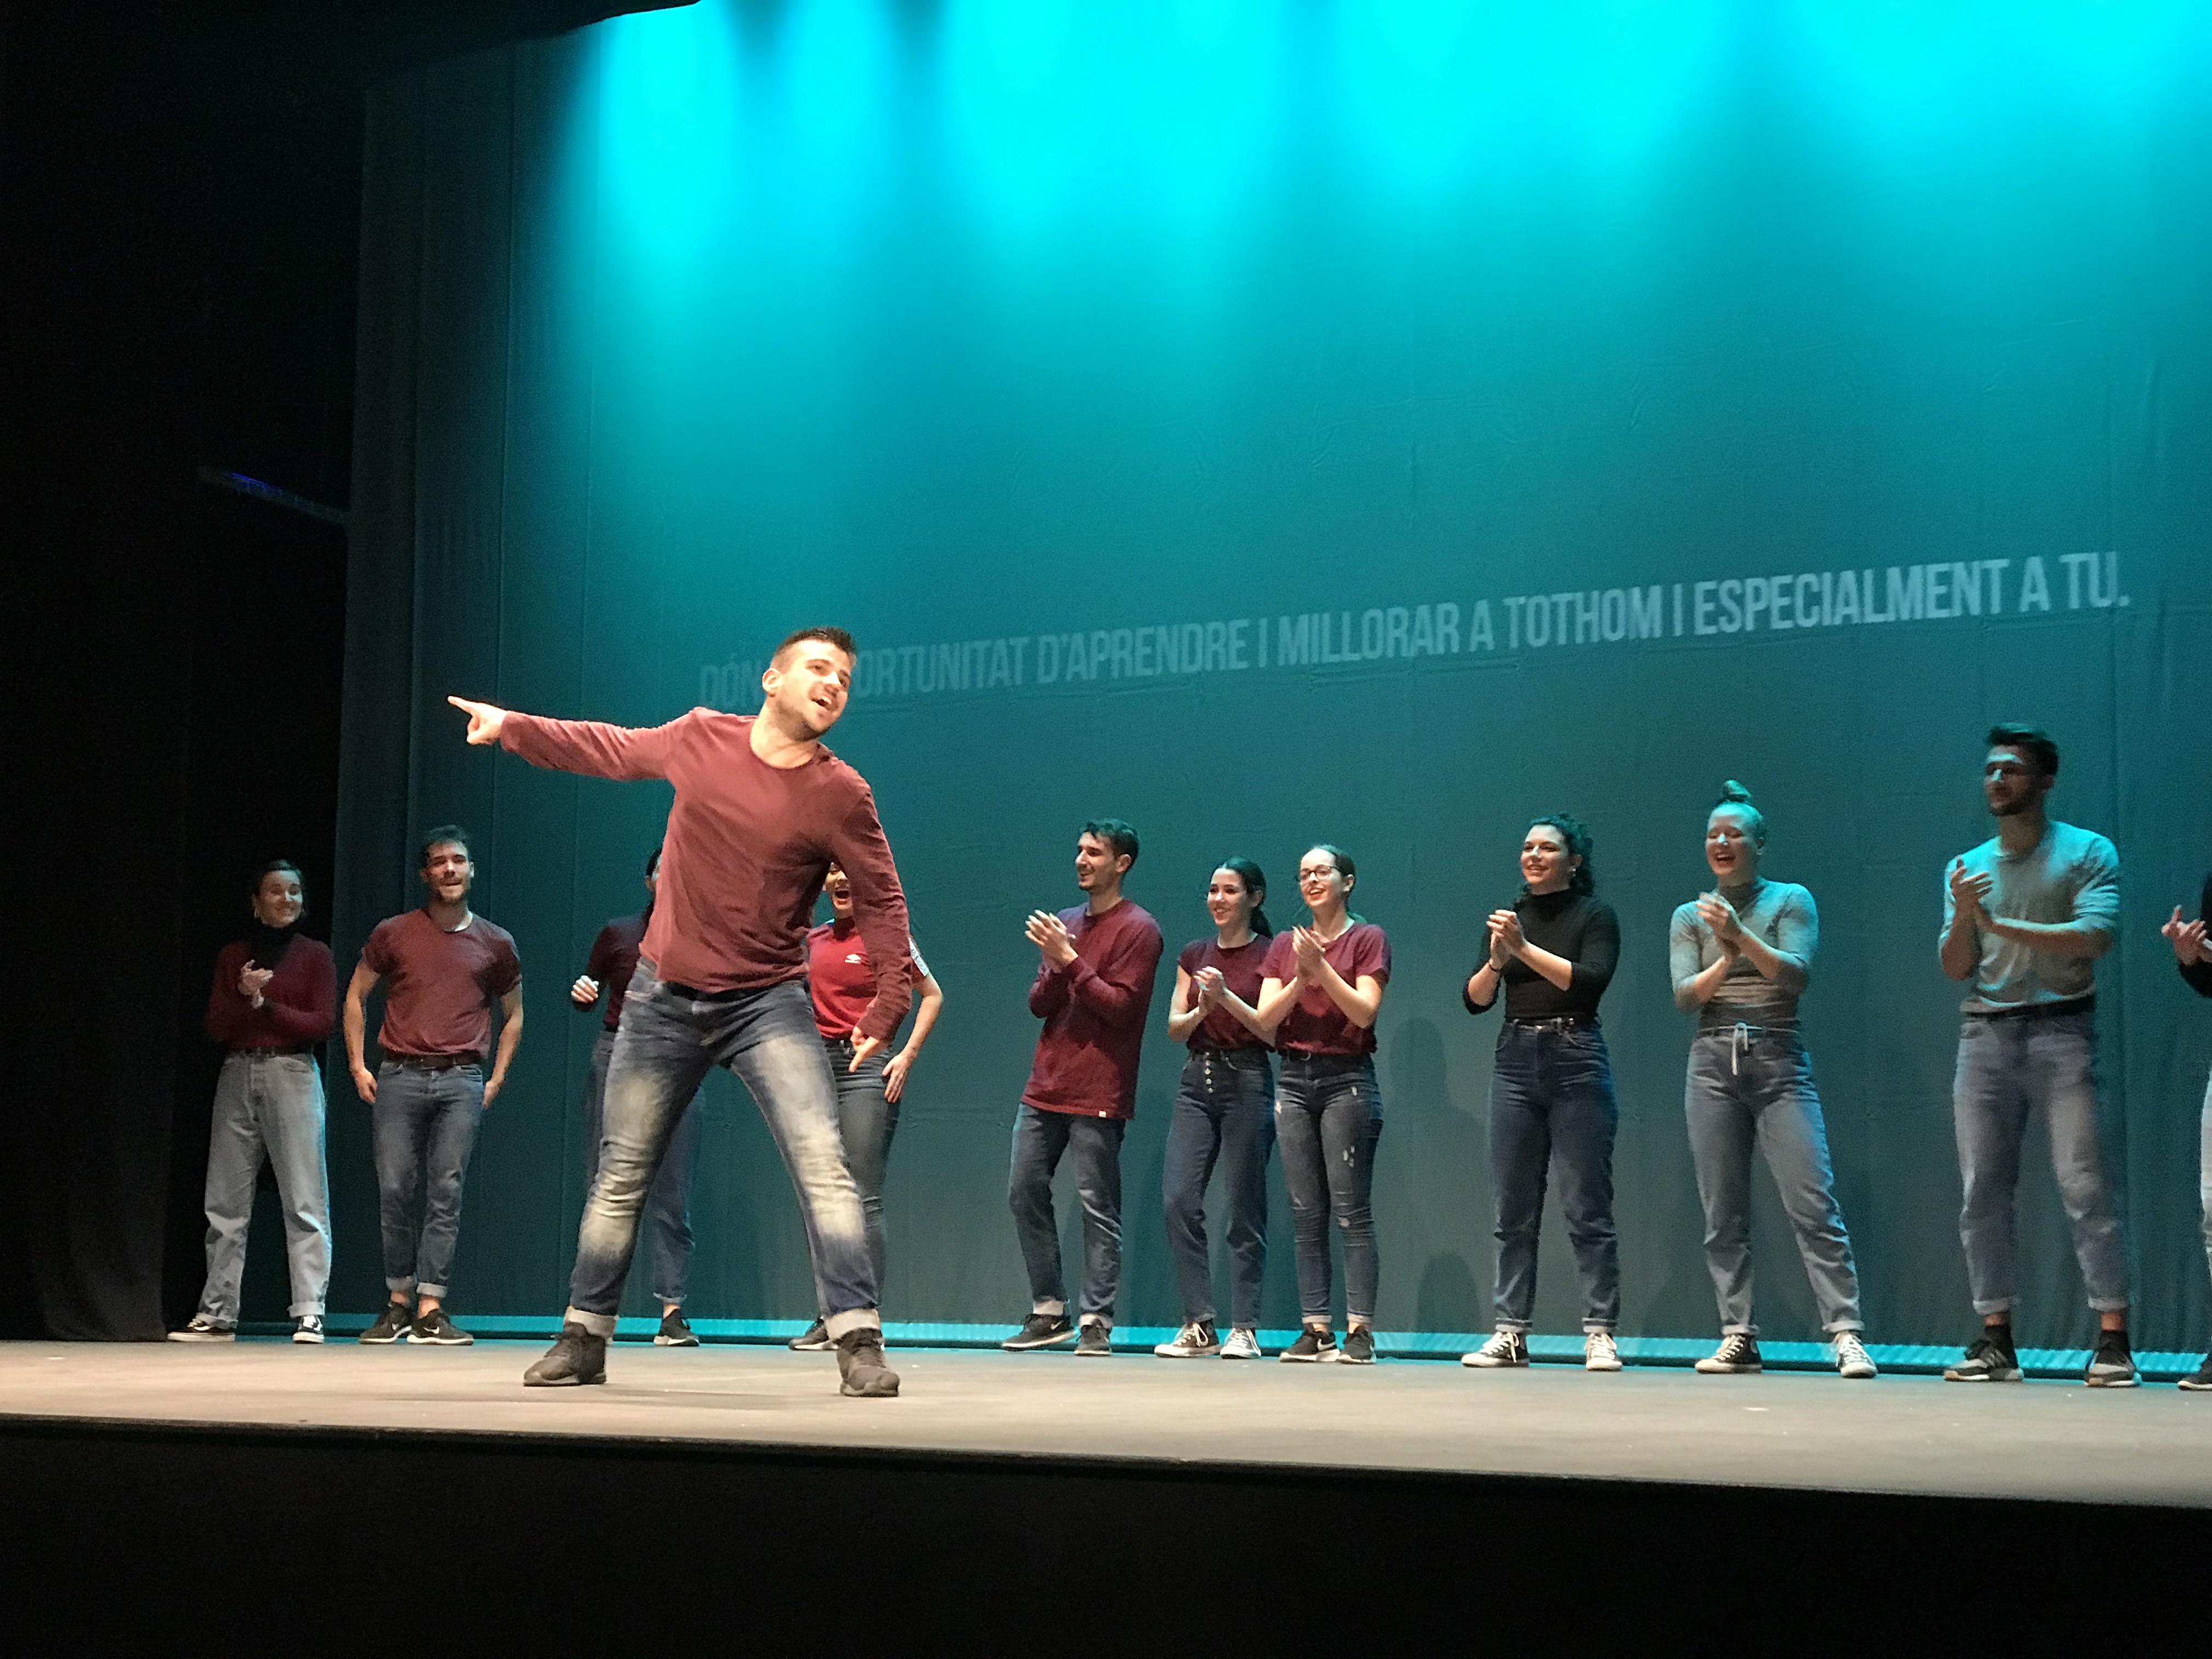 Espectacle del Dancescape a Juneda